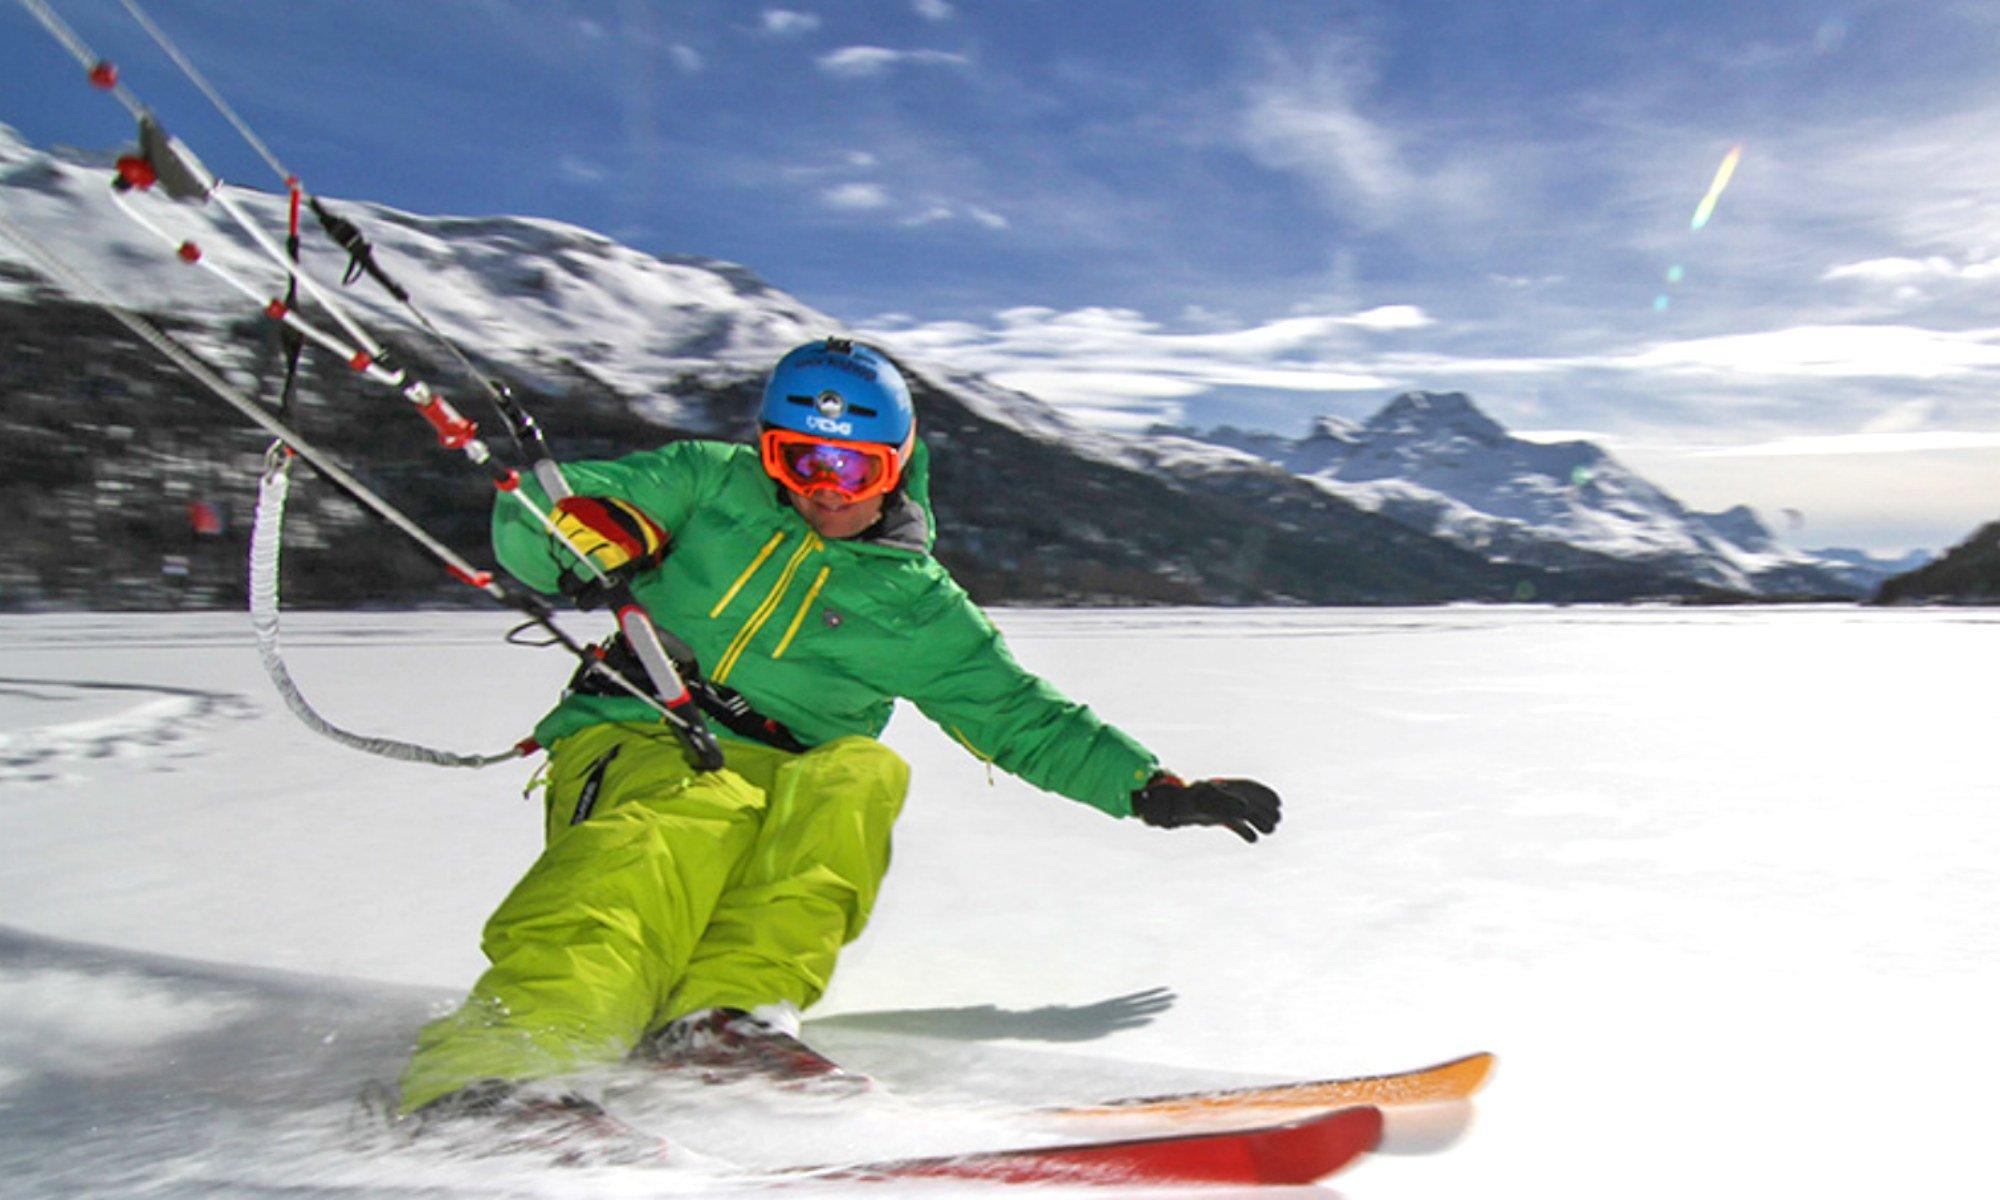 Ein Skifahrer lässt sich von einem Kite über die Piste in der Ferienregion Engadin St. Moritz ziehen.